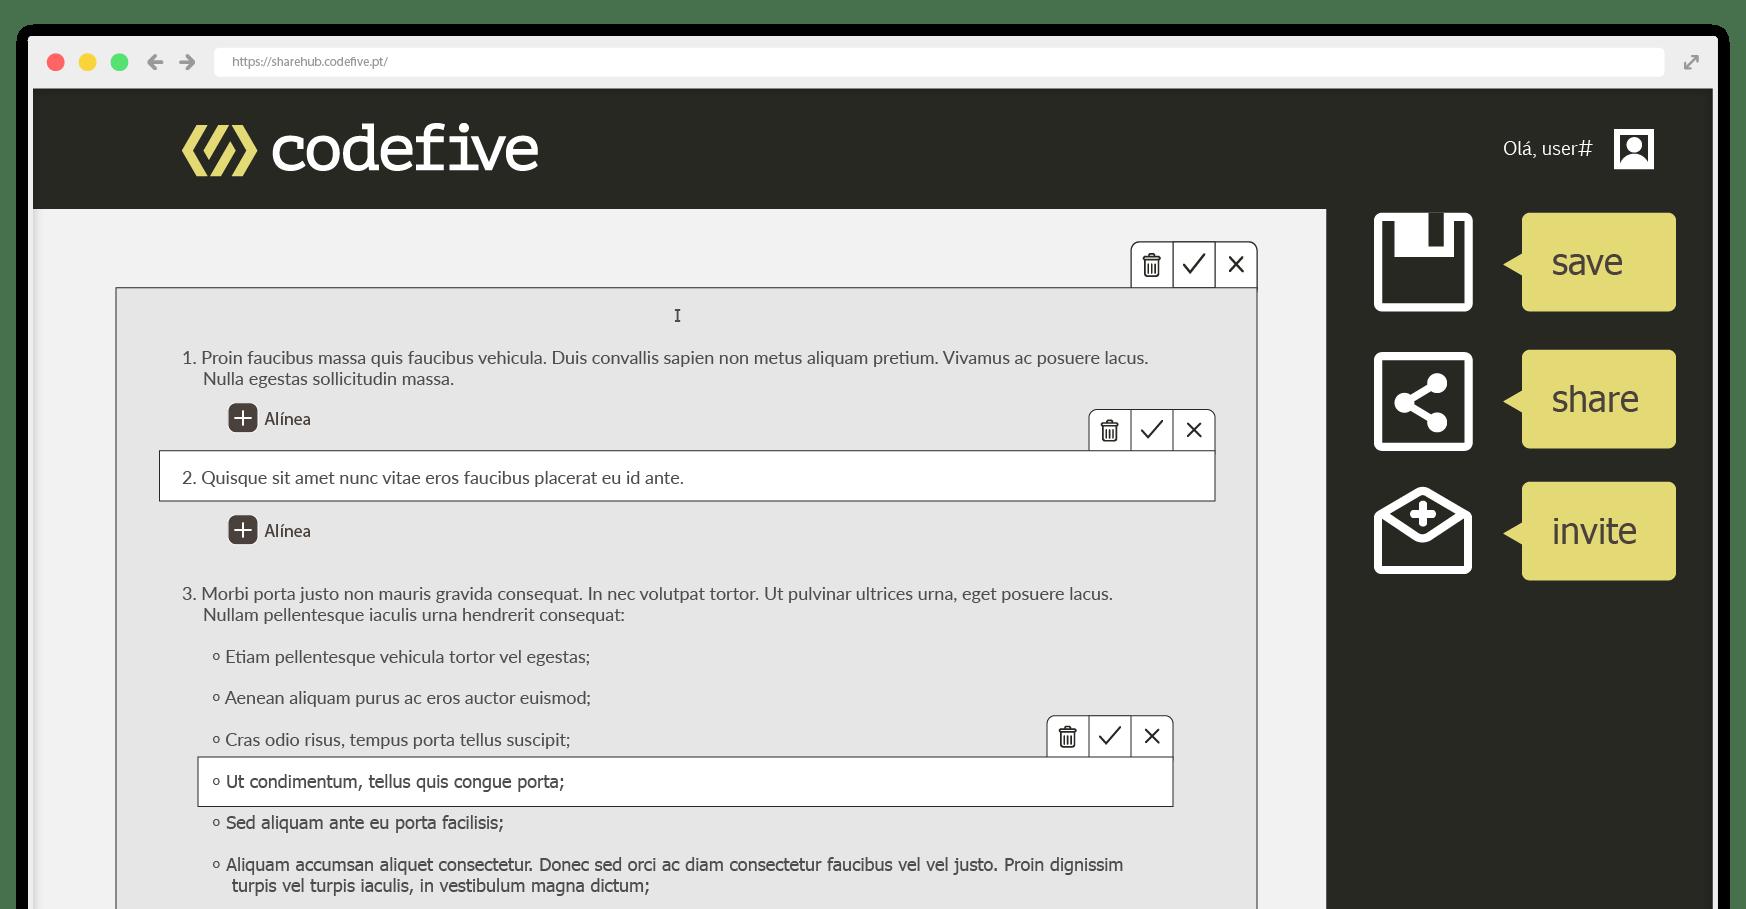 Desenvolvimento de plataforma colaborativa - o Sharehub